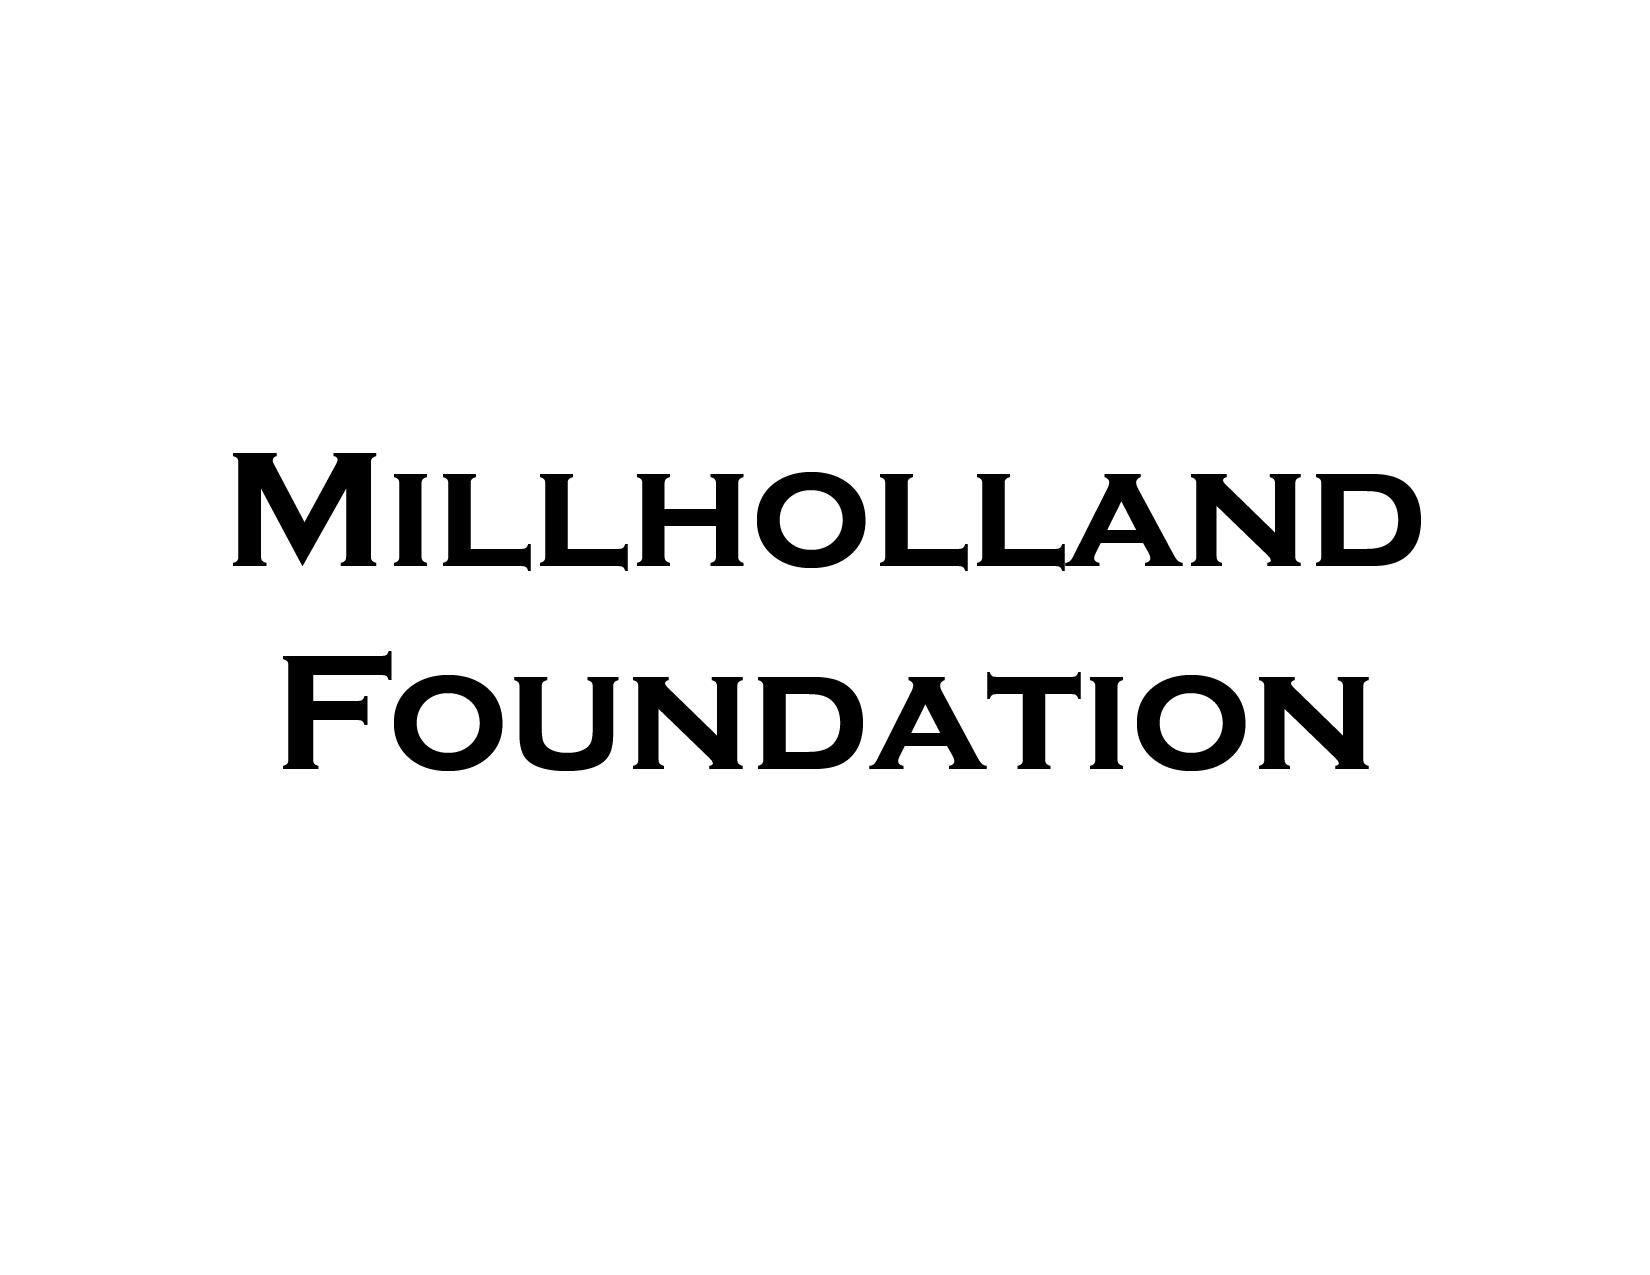 Millholland